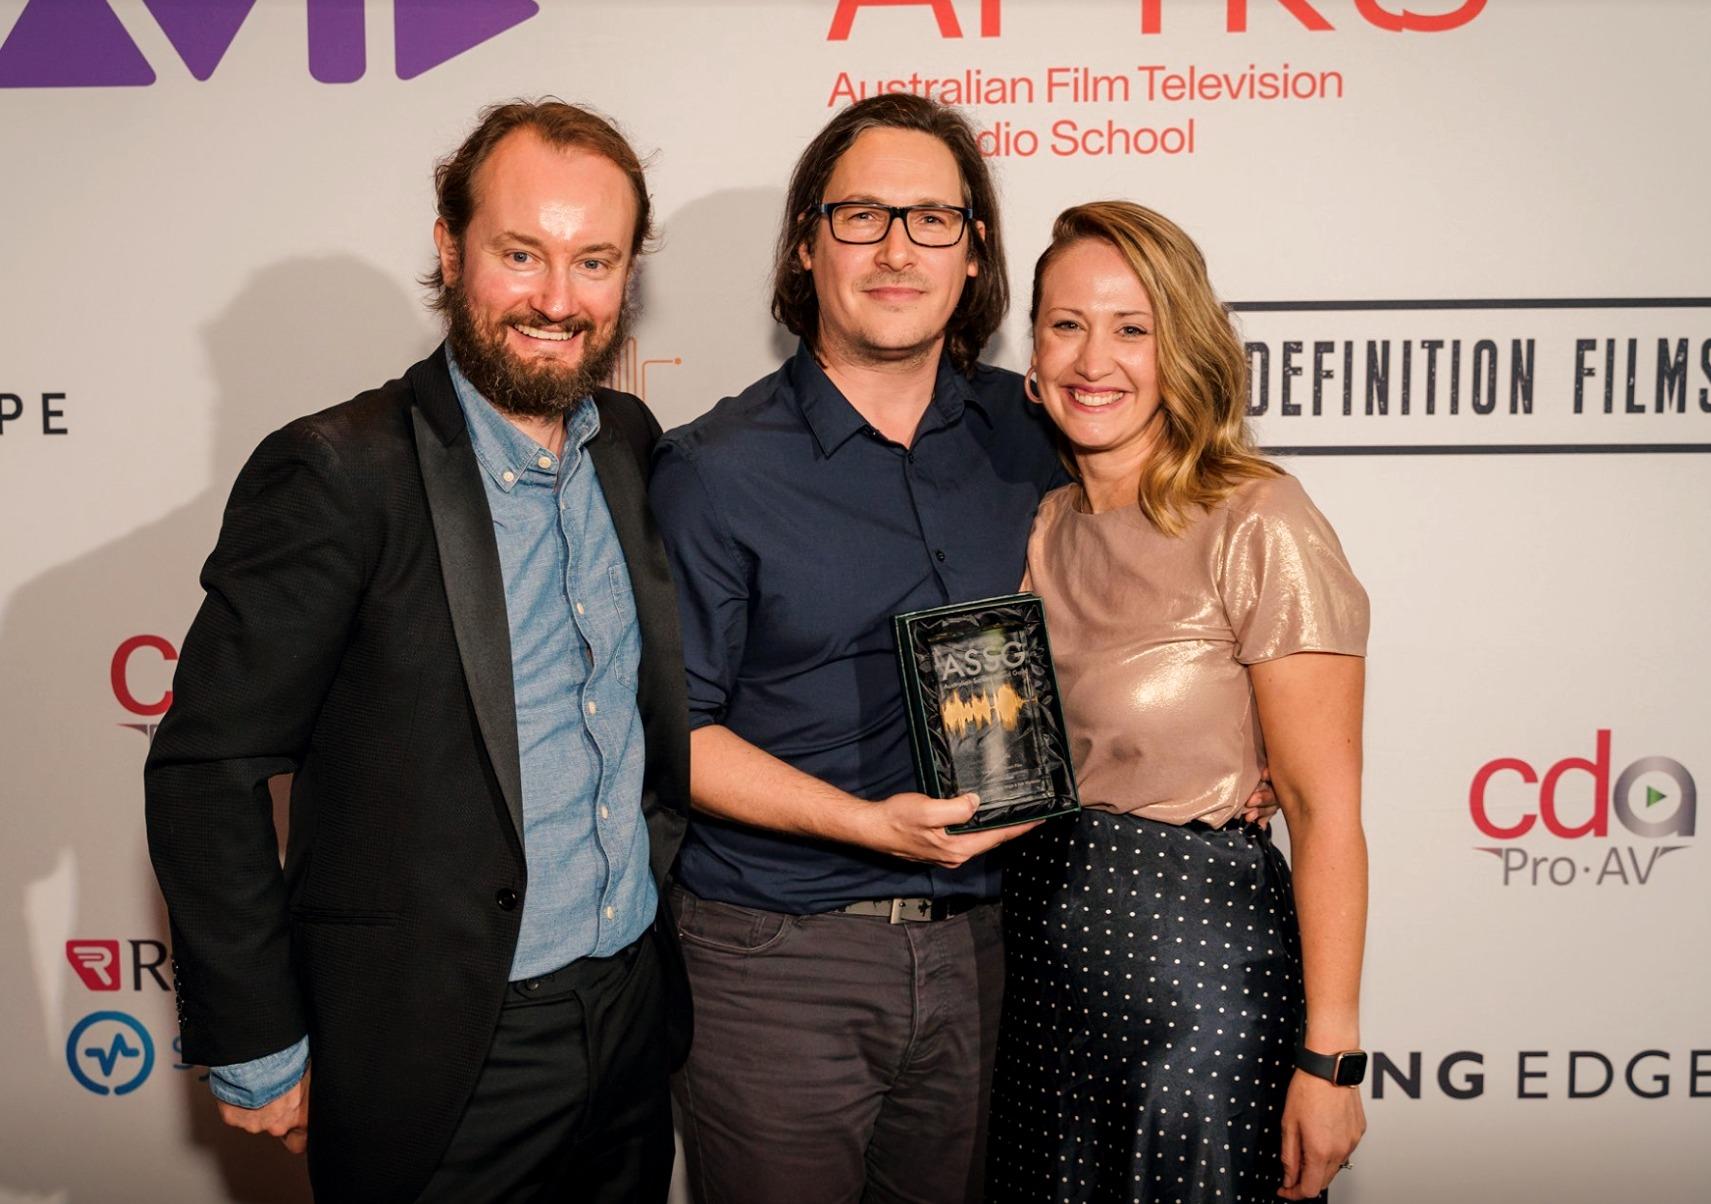 ASSG Award for Best Sound